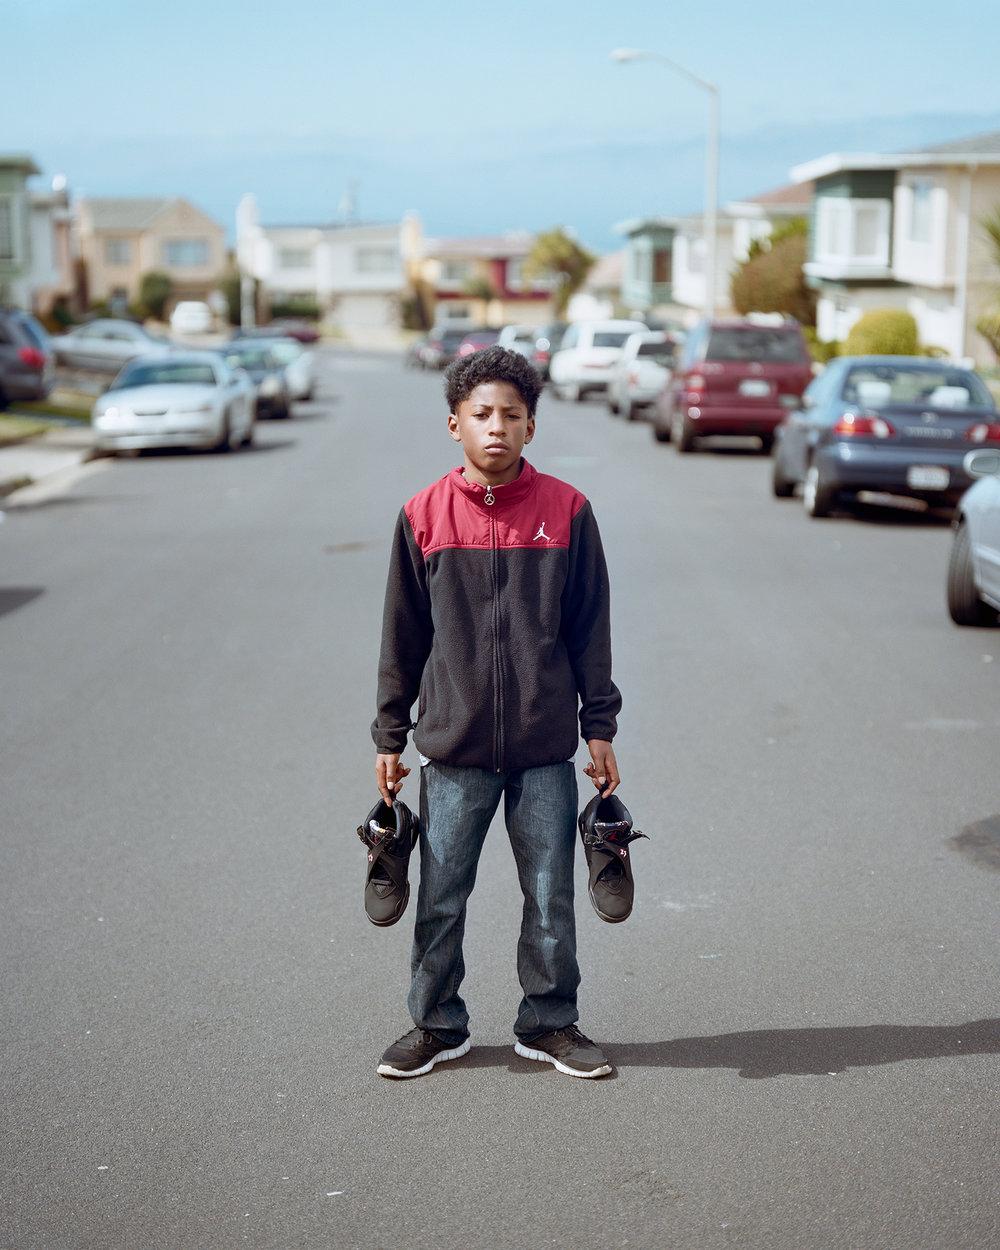 Boy w/ J's, Daly City, CA 2014